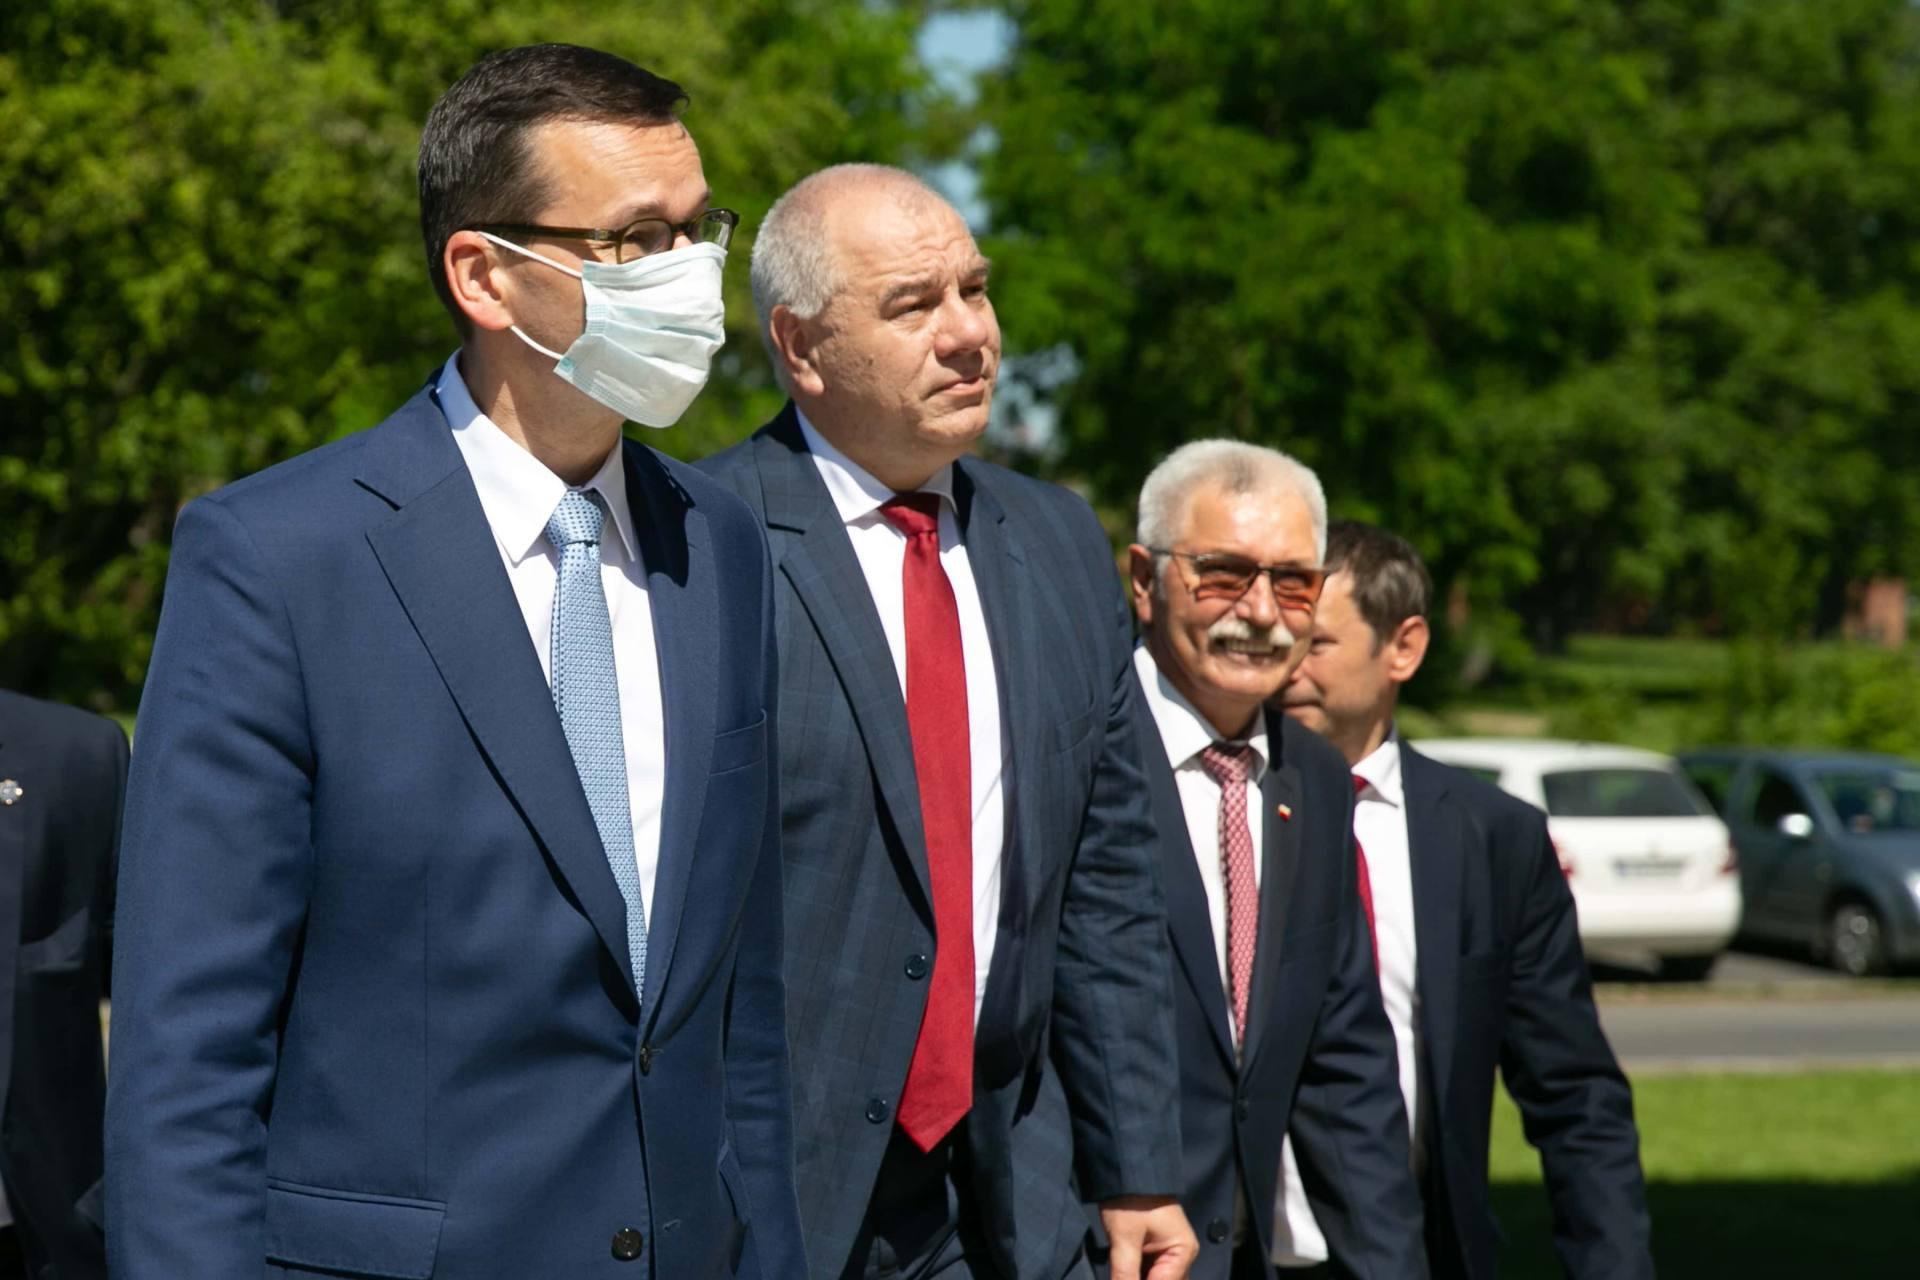 premier morawiecki w zamosciu 5 Premier Mateusz Morawiecki spotkał się z samorządowcami z Zamojszczyzny [ZDJĘCIA]